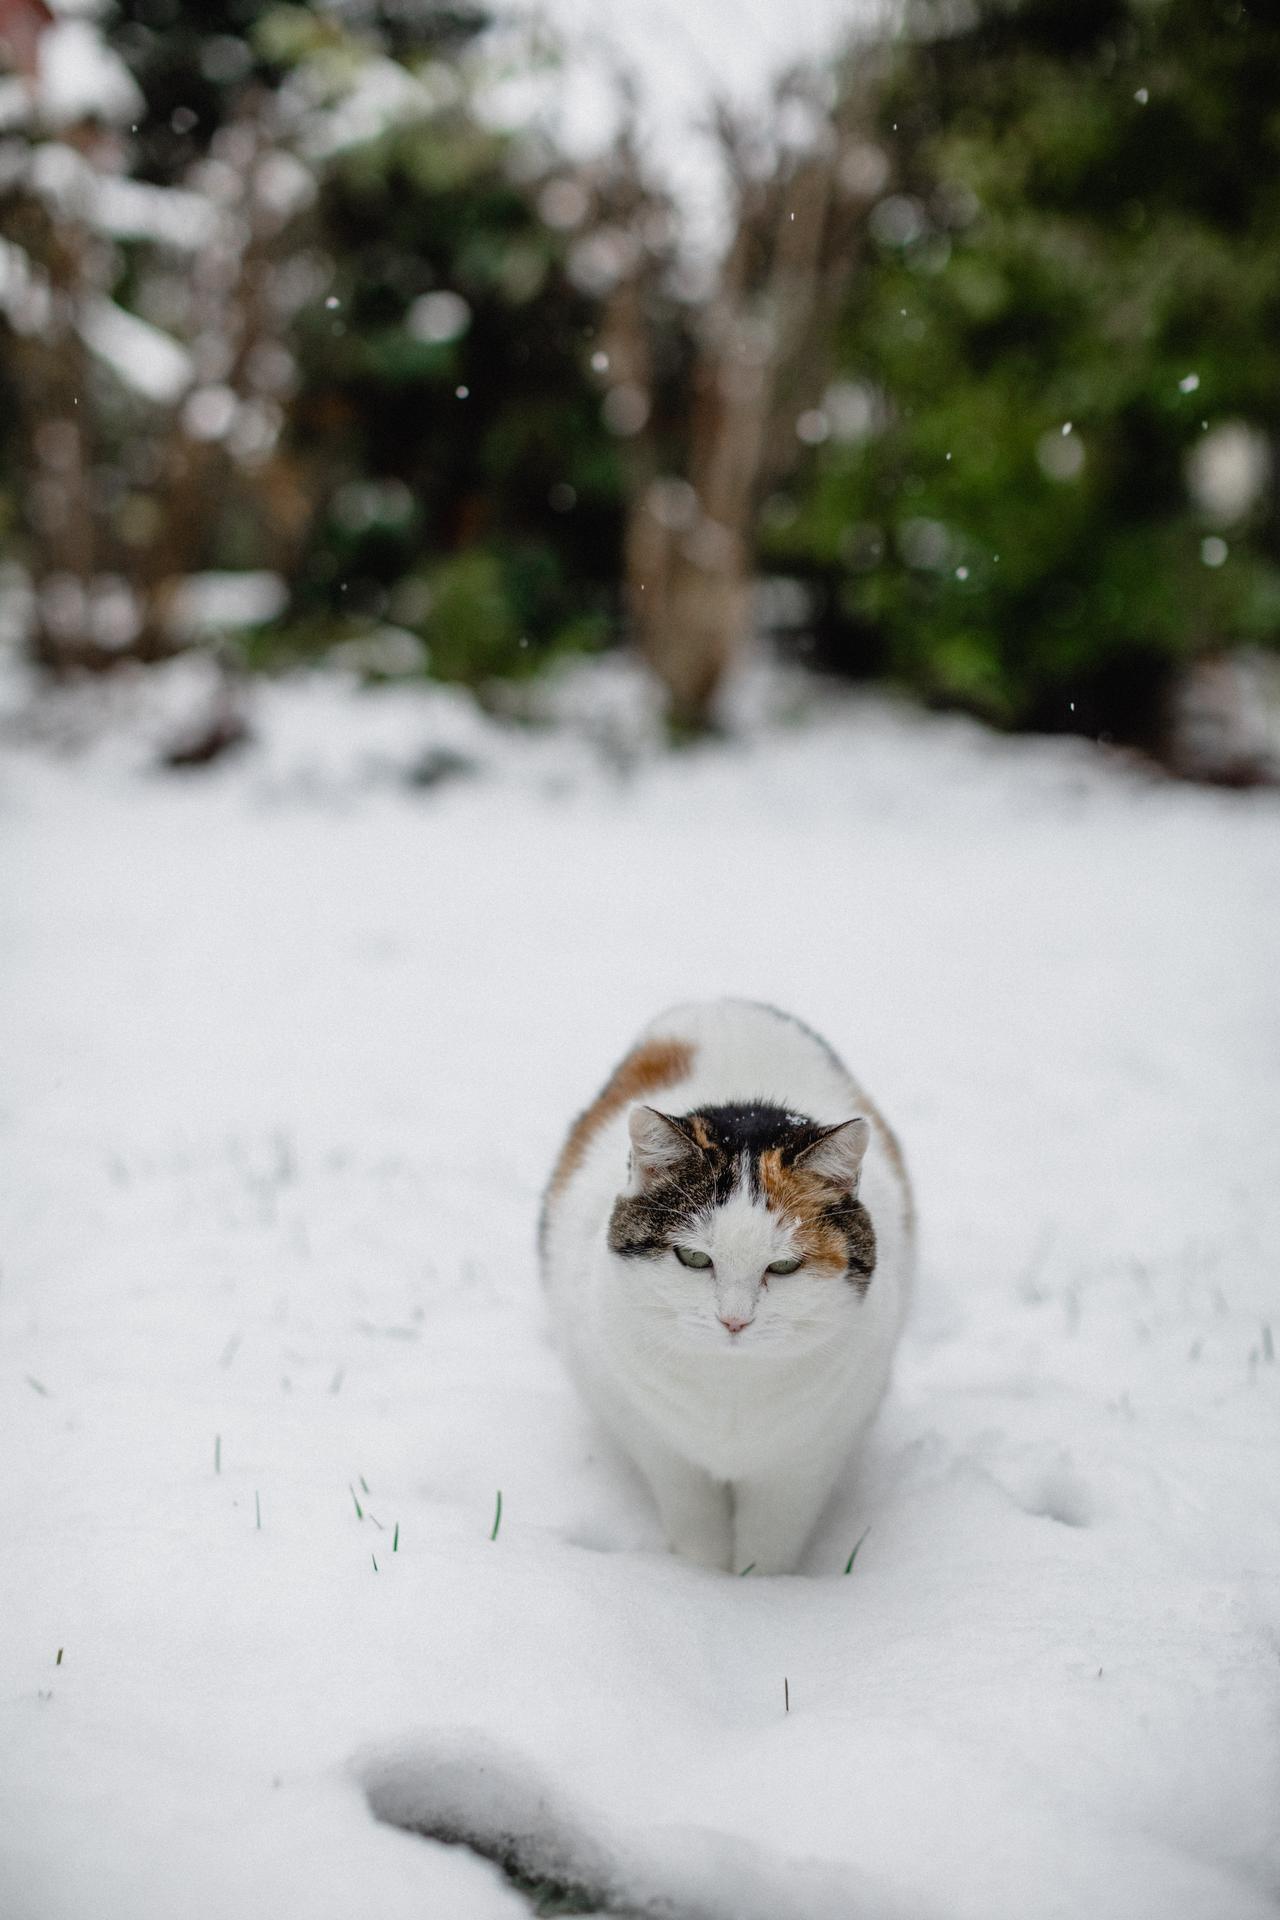 Vianoce 2020 - tu sa niekto tesi zo snehu viac ako deti :-D ciha na gulu ktoru drzim v ruke :-D